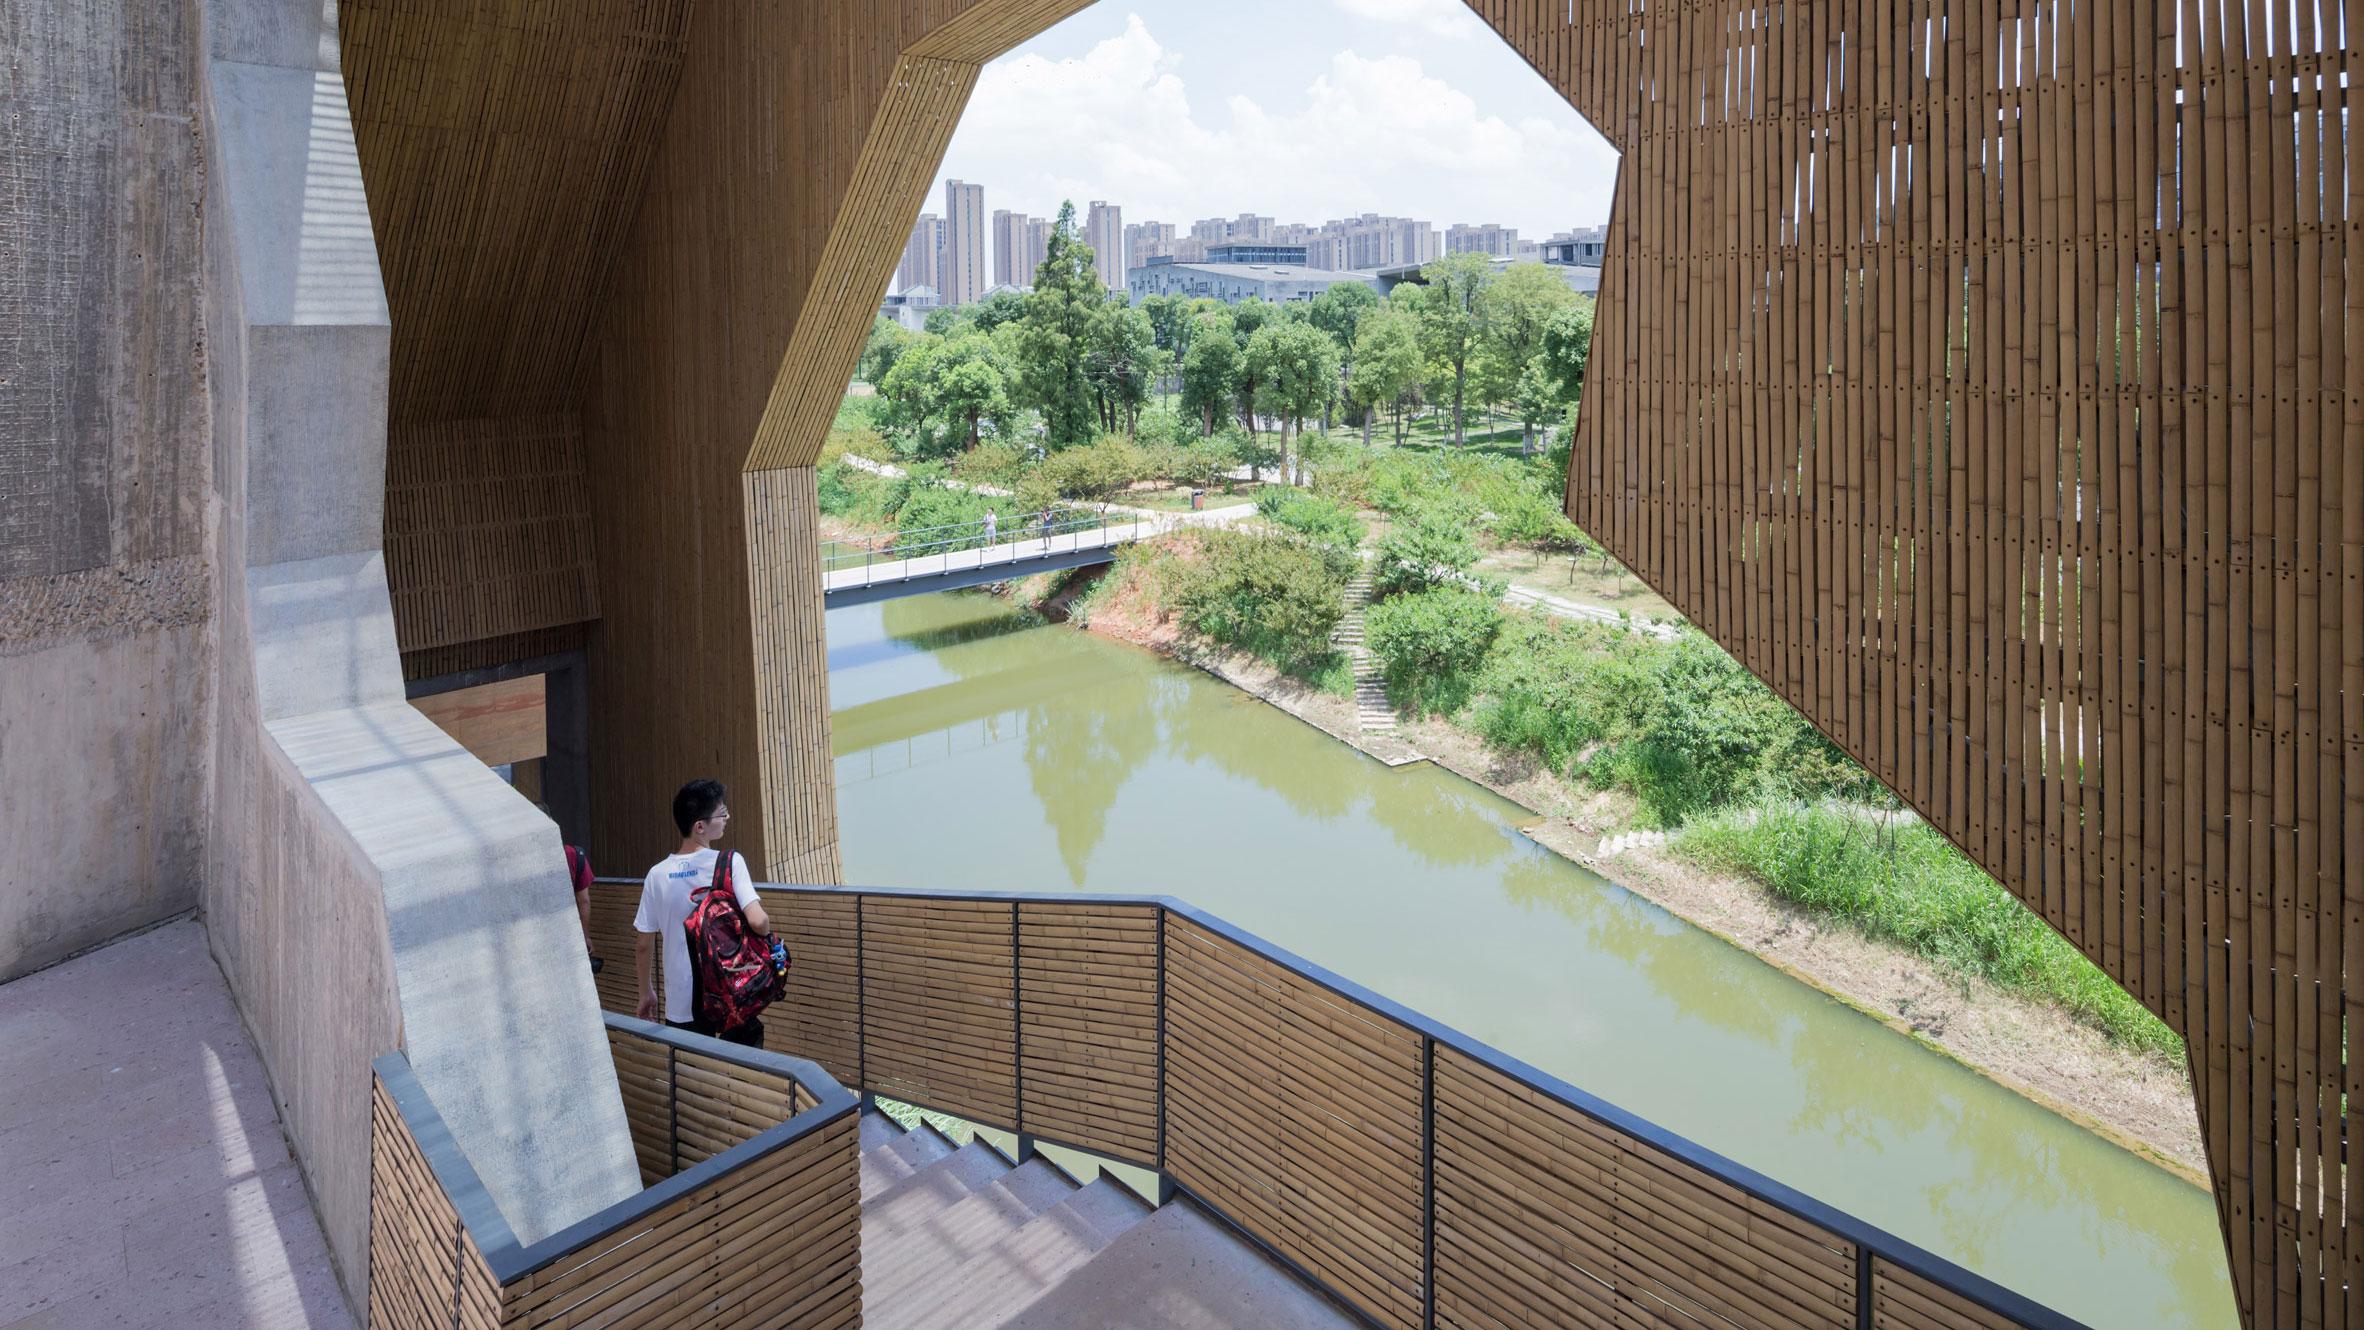 The Architect's Studio: Wang Shu